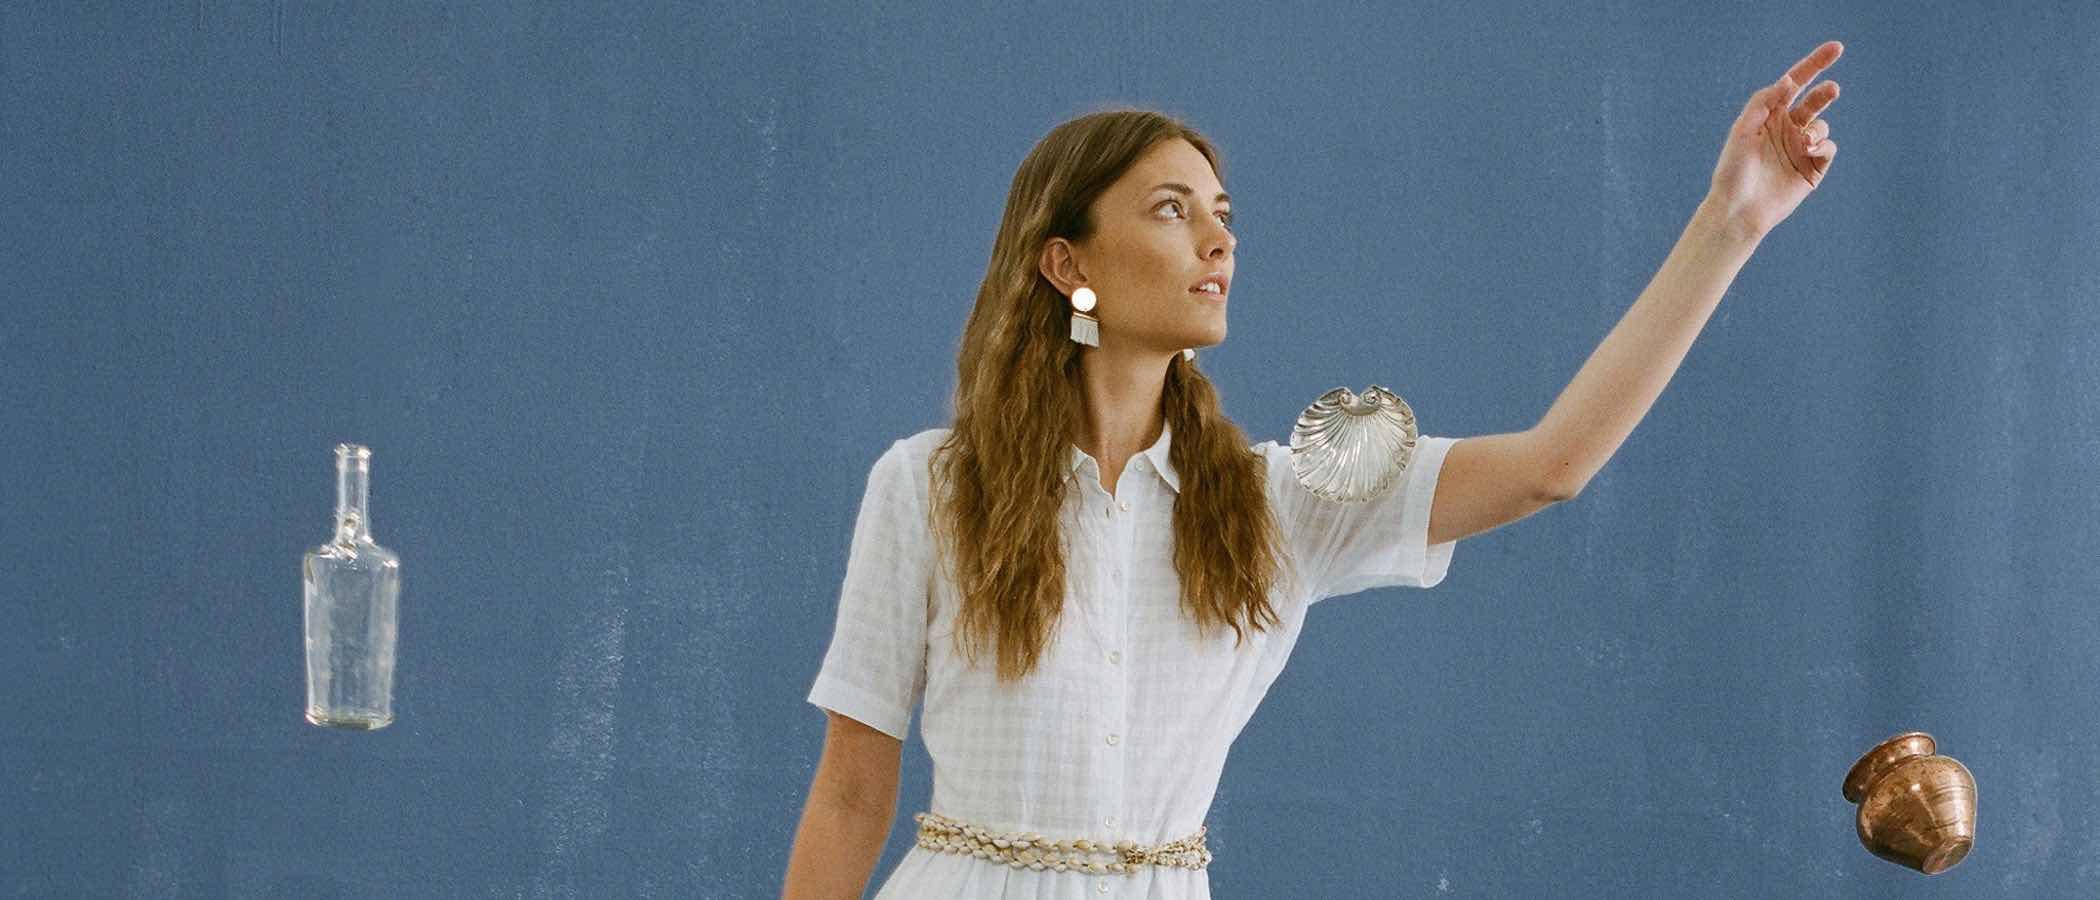 El fondo marino, la inspiración de Nice things para su colección limitada de verano 2017